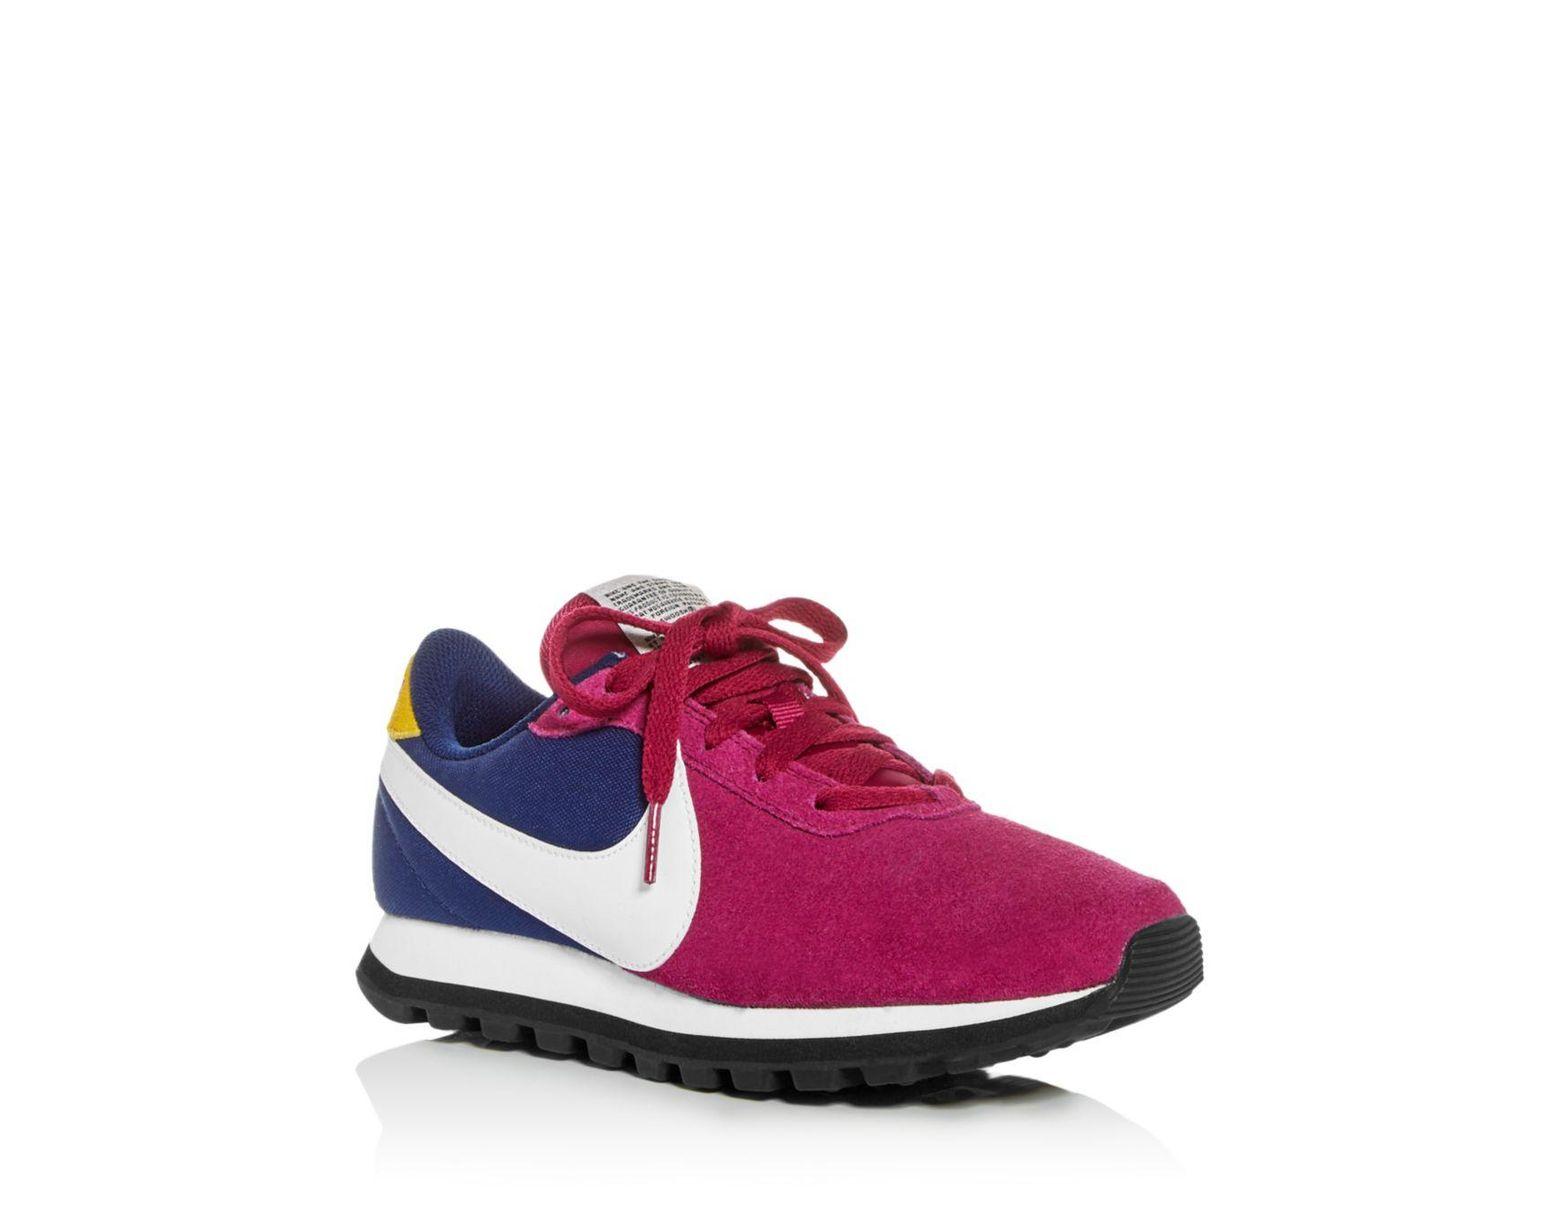 O Women's xLow Love Sneakers Pre Top v8P0ymNnwO